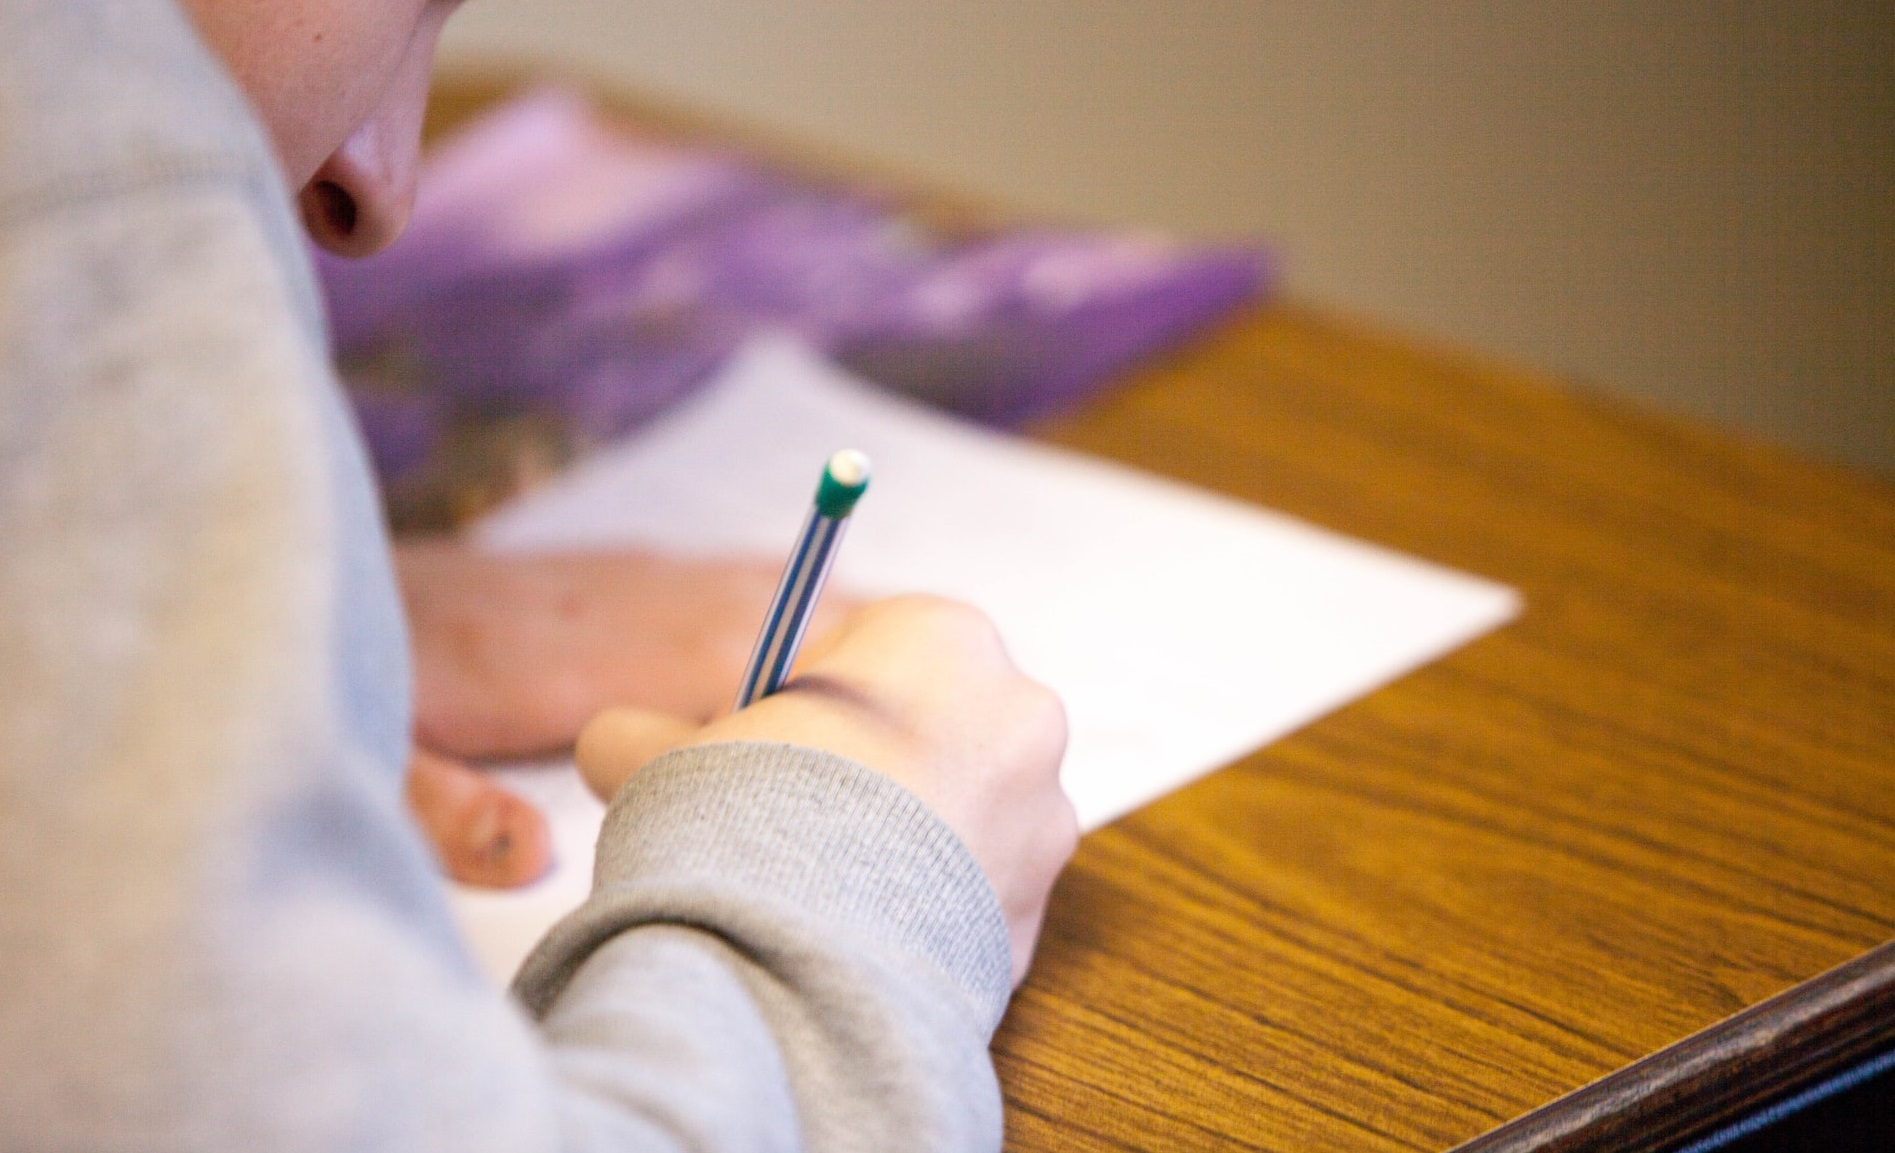 Trei elevi elvețieni au prezentat teste Covid fals-pozitive, pentru a scăpa de cursuri. Colegii și profesorii au stat în carantină degeaba